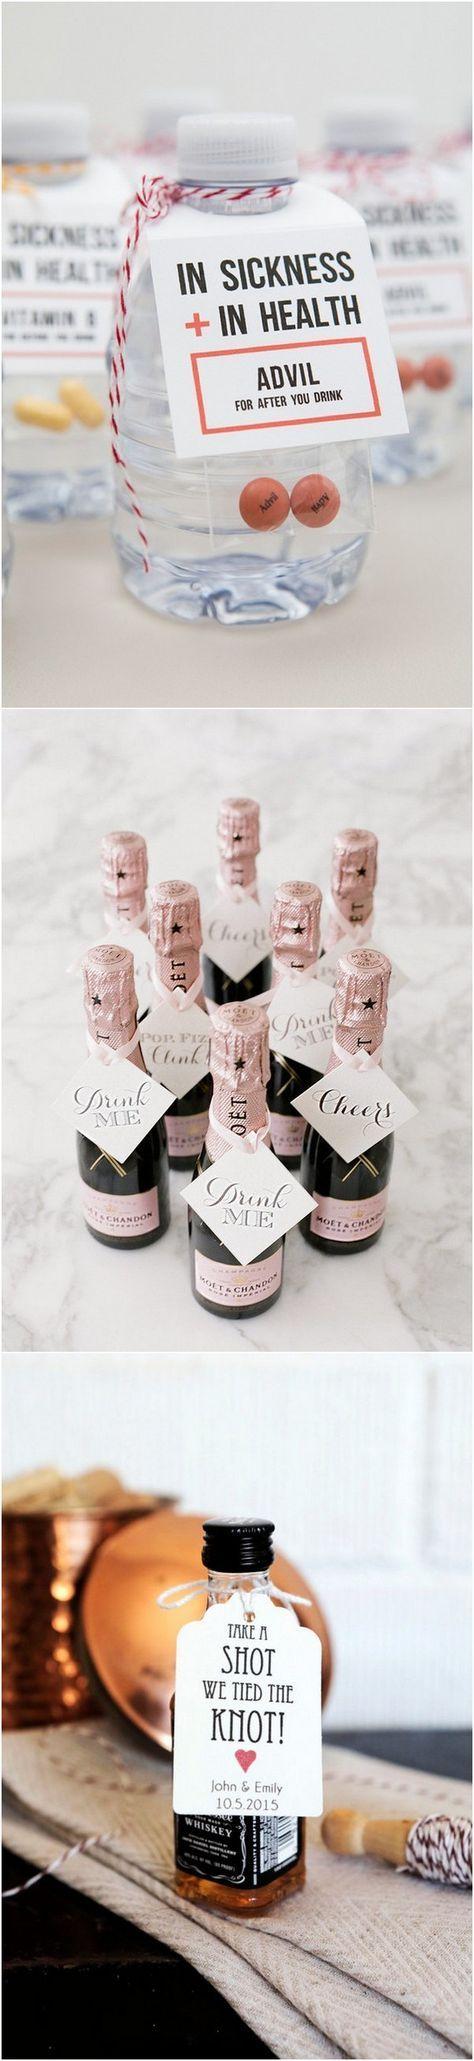 Top 10 Unique Wedding Favor Ideas Your Guests Love | Pinterest ...